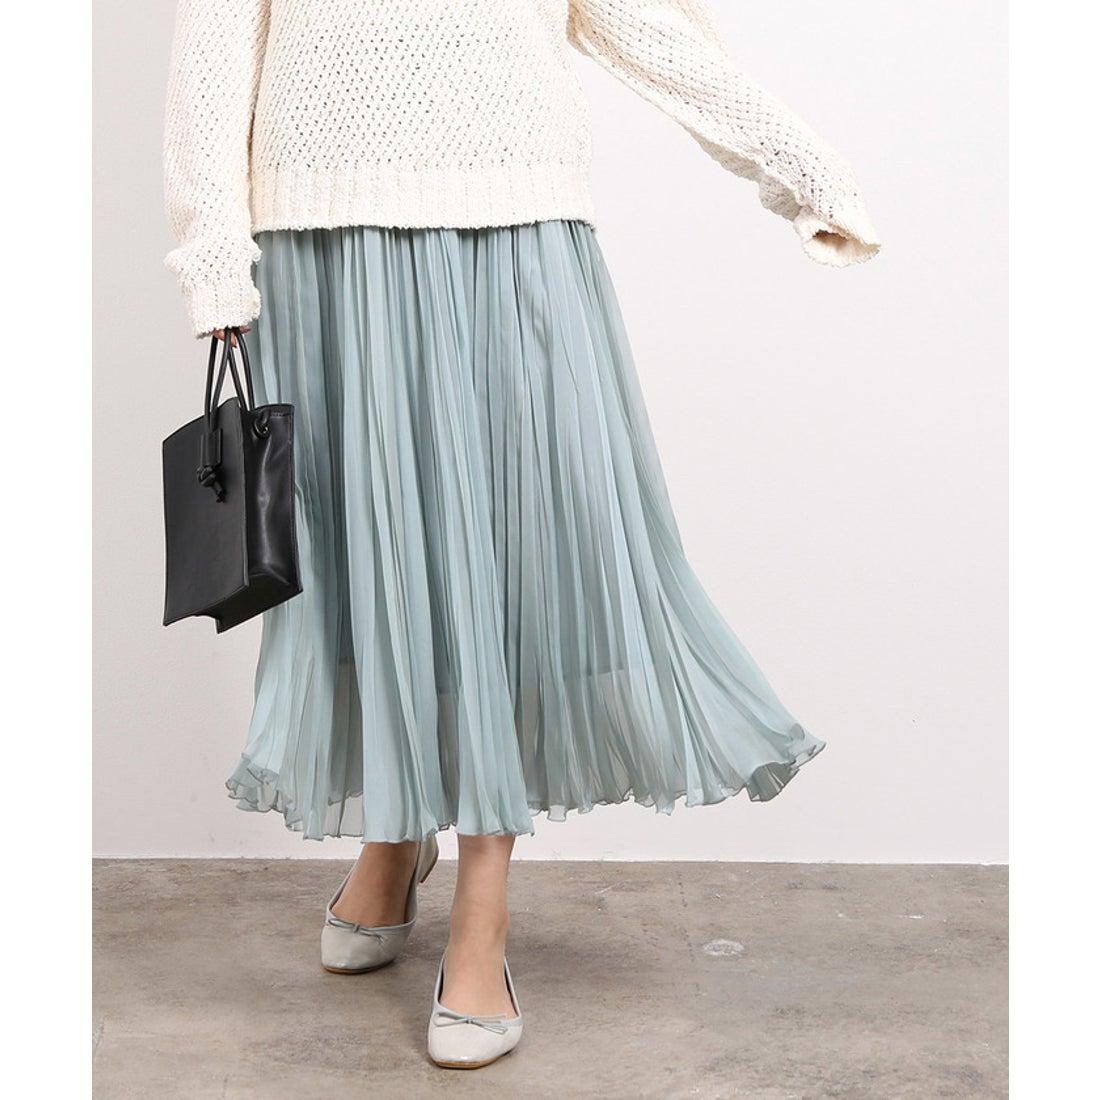 ロコンド 靴とファッションの通販サイトROPE' mademoiselle 【新色】シフォンジーランダムプリーツスカート(モスグリーン(32))【返品不可商品】